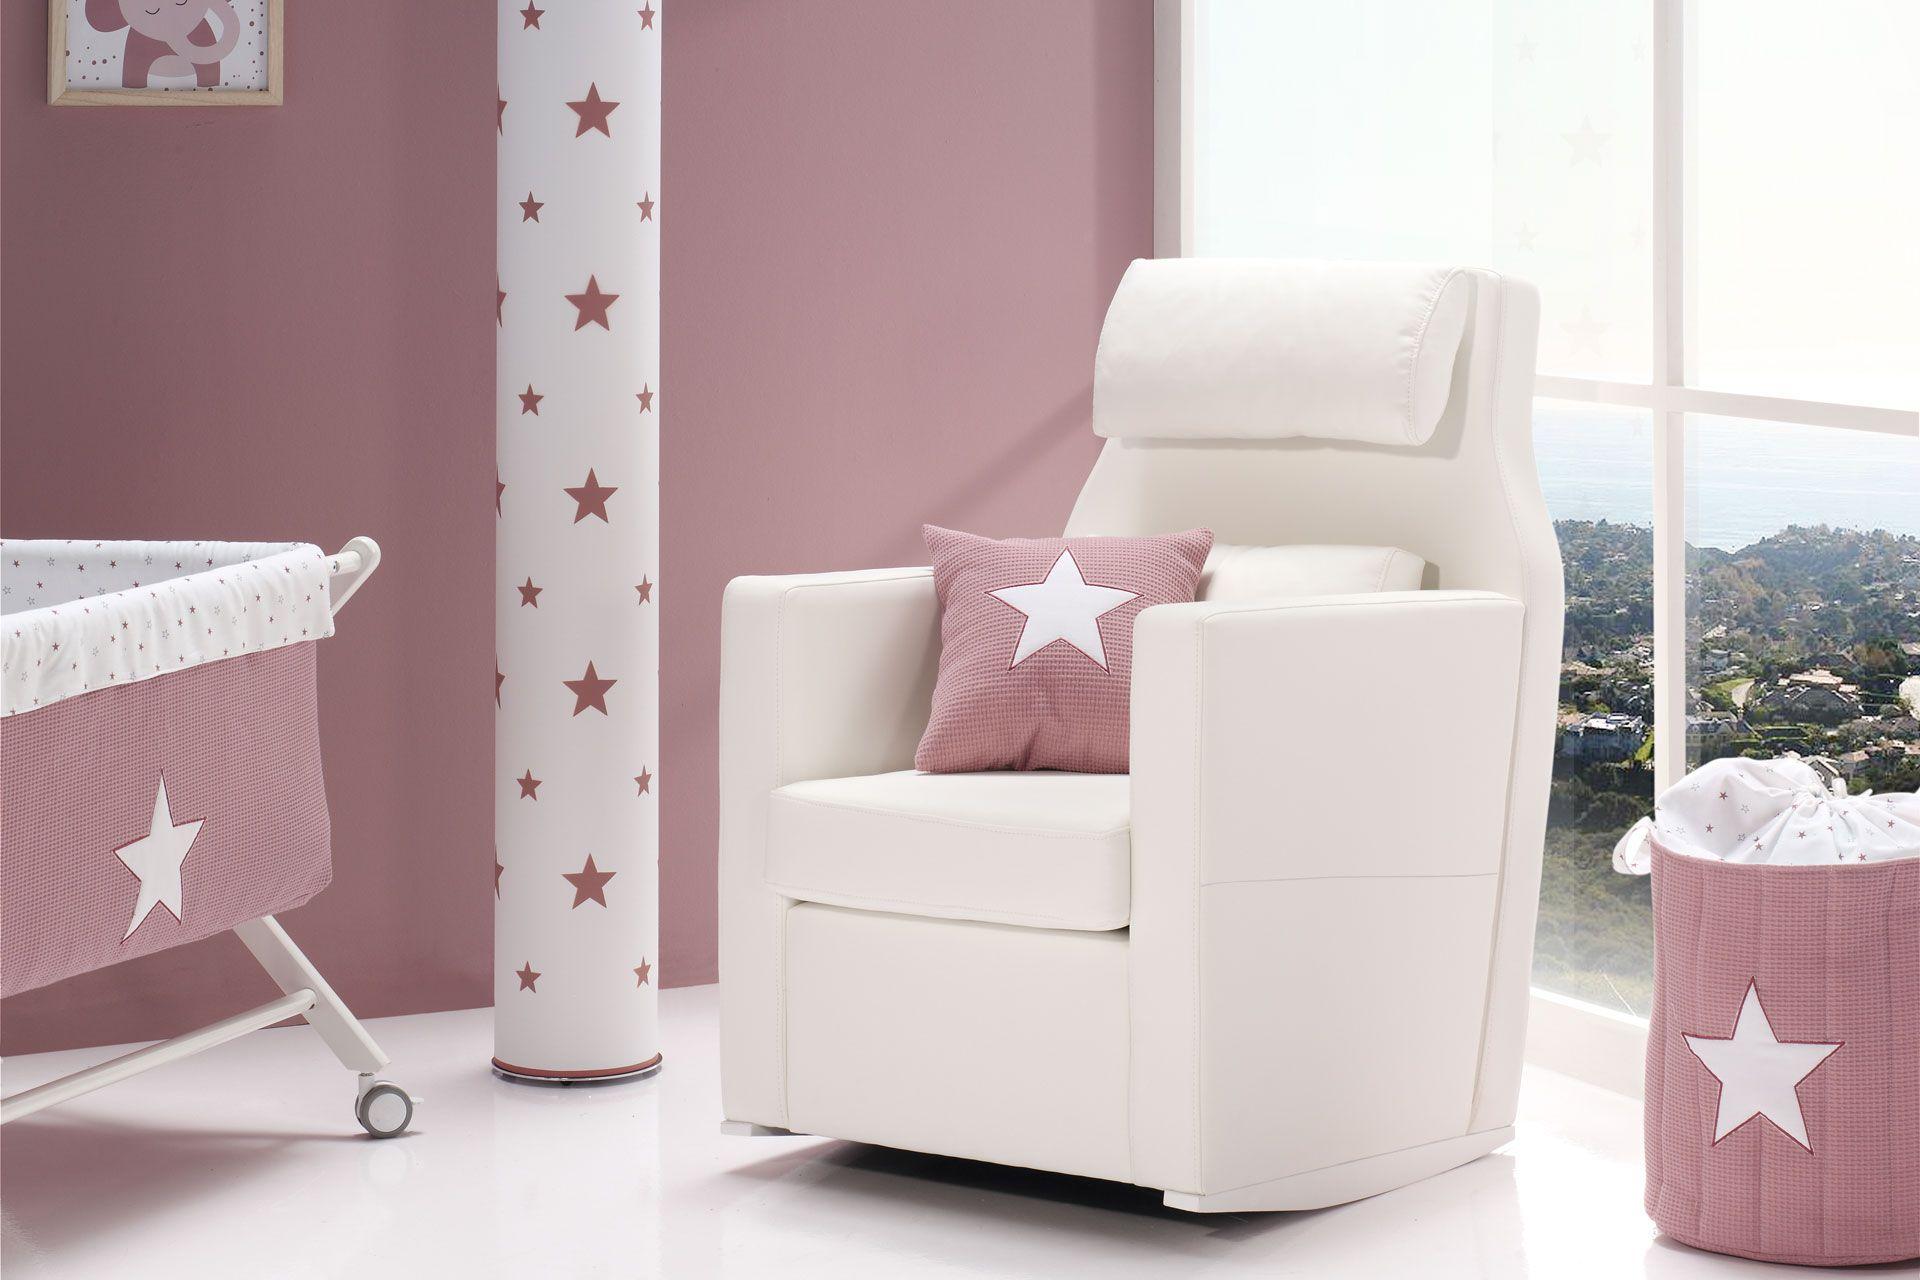 Nuevos sillones de lactancia para la comodidad descanso - Sillones de descanso ...